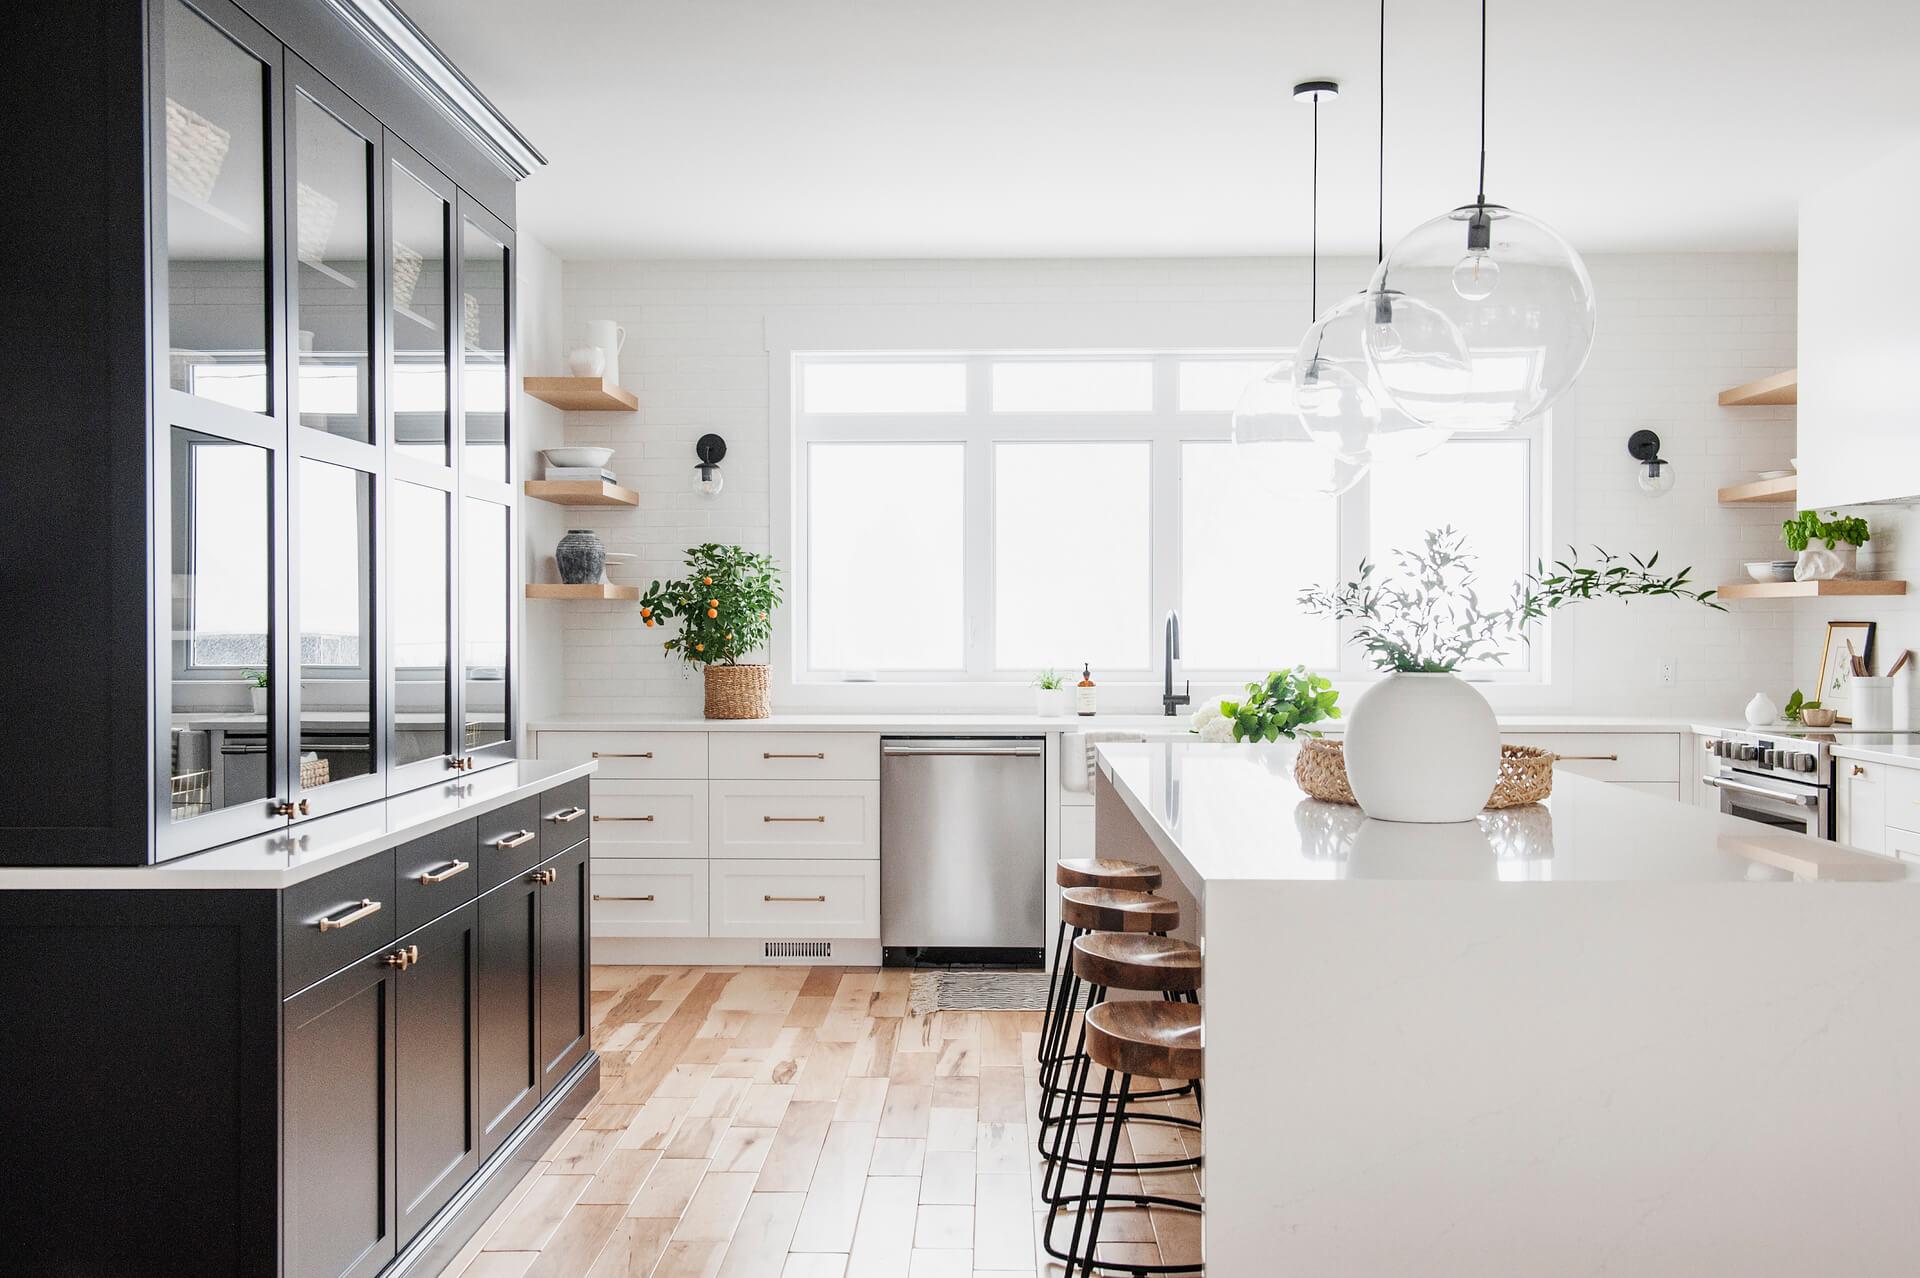 1 AKB Design cuisine blanche armoire noire poignee laiton comptoir quartz garde manger 1a